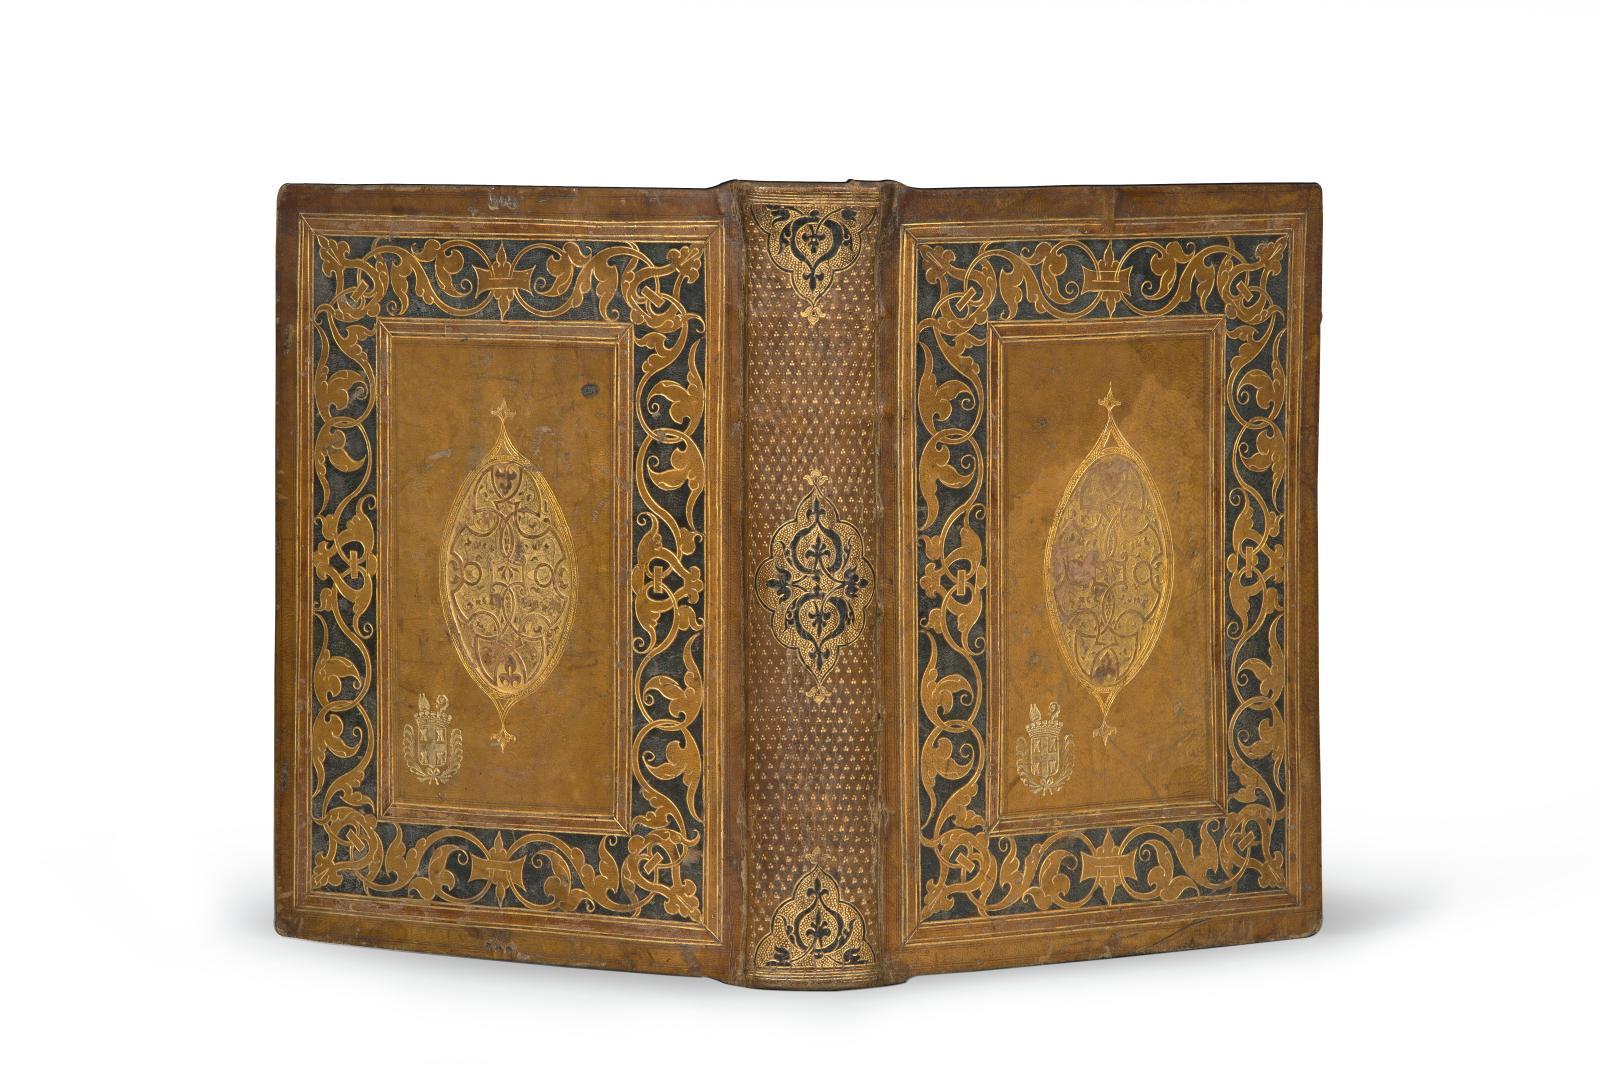 Le Premier Volume de la Mer des Histoires. Auquel et le second en suyvant est contenu tant du vieil testament que du nouveau toutes les hystoires...,